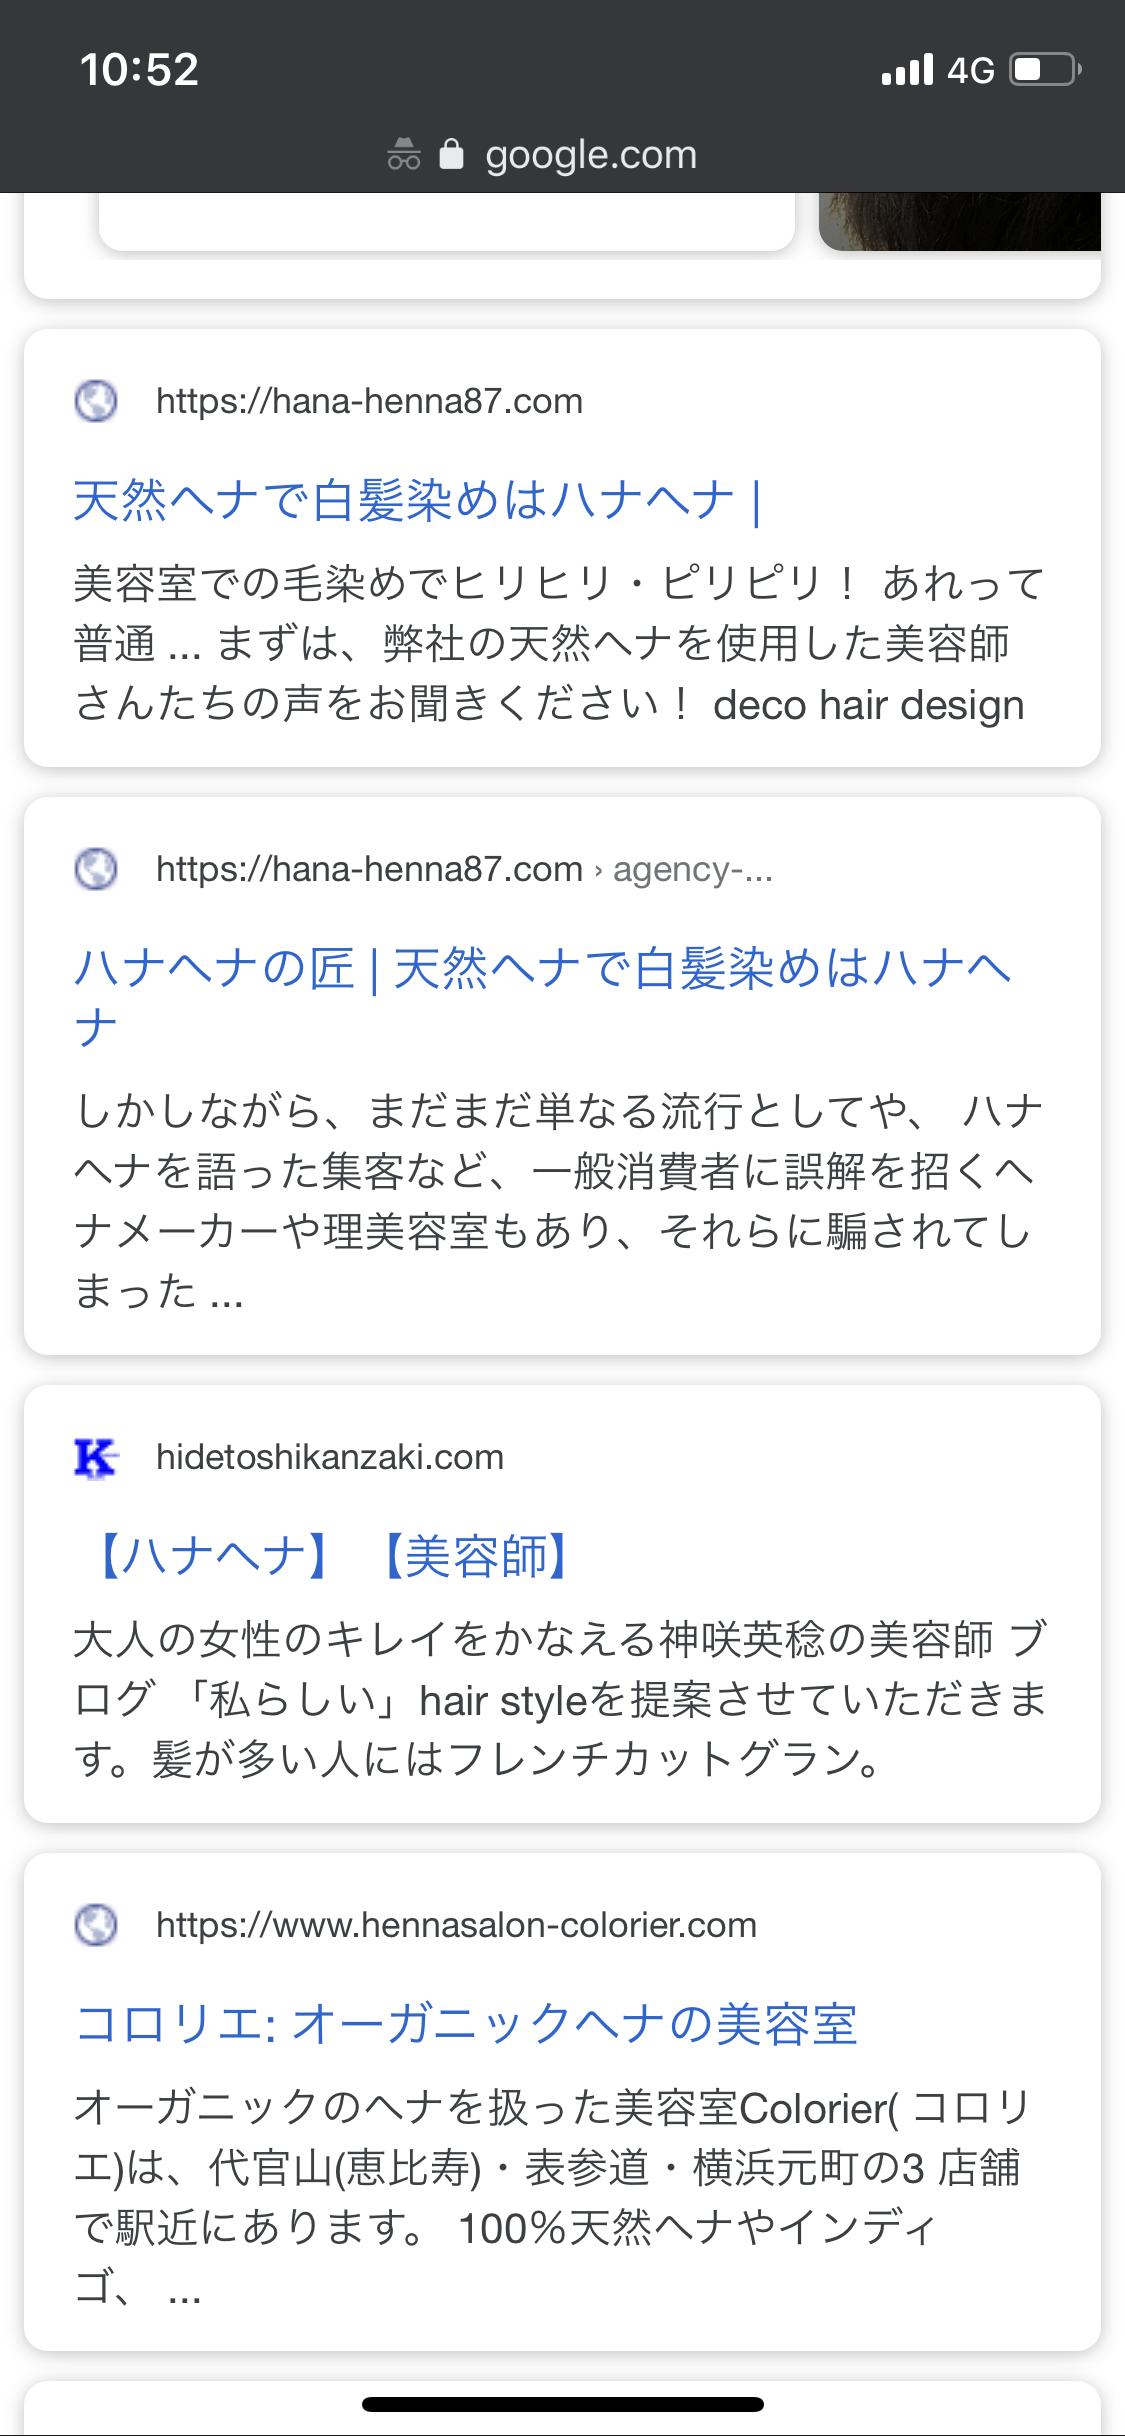 ハナヘナ 美容師